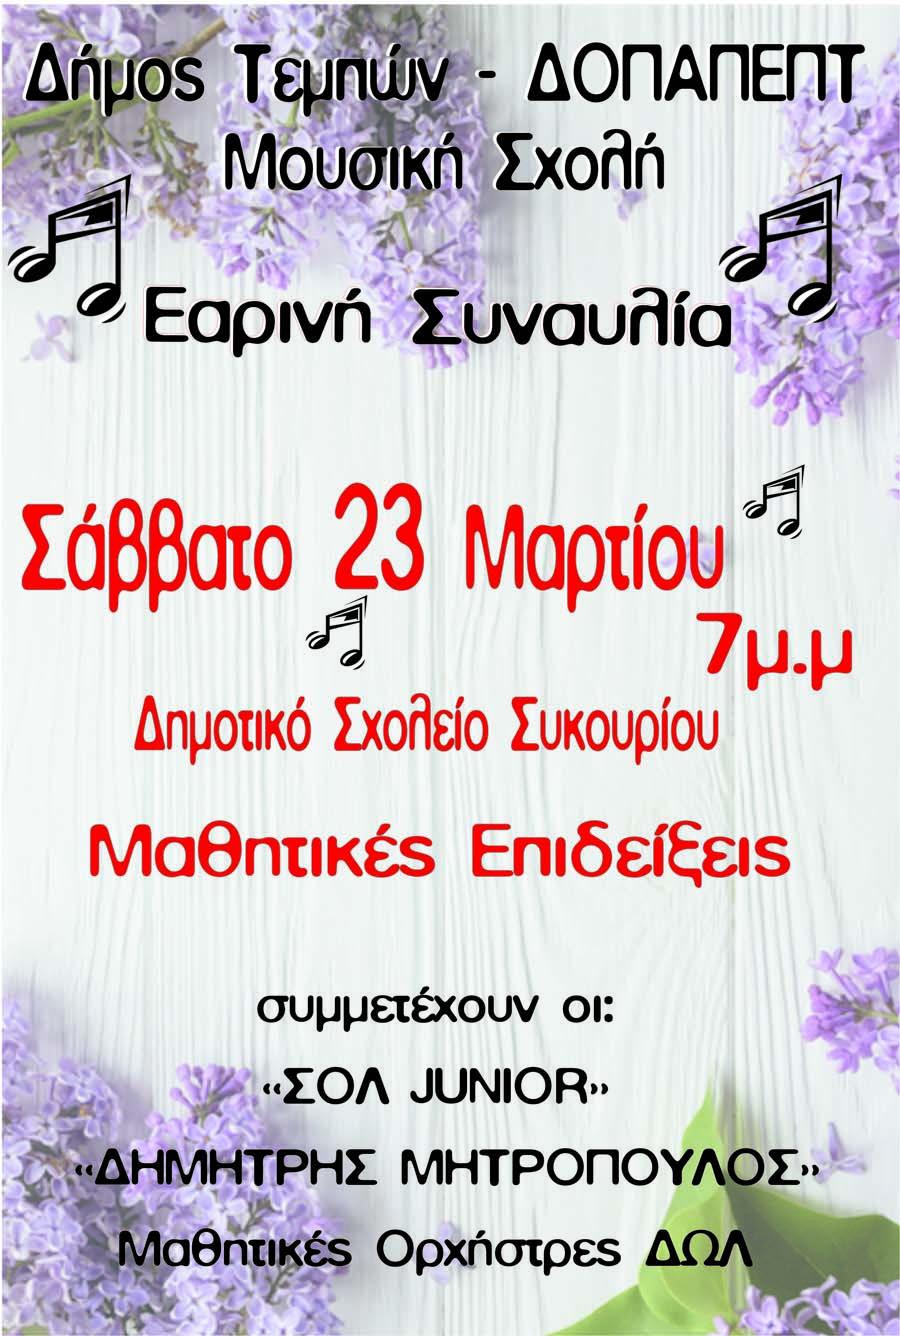 Εκδηλώσεις απο την Μουσική Σχολή του Δήμου Τεμπών το Σαββατοκύριακο